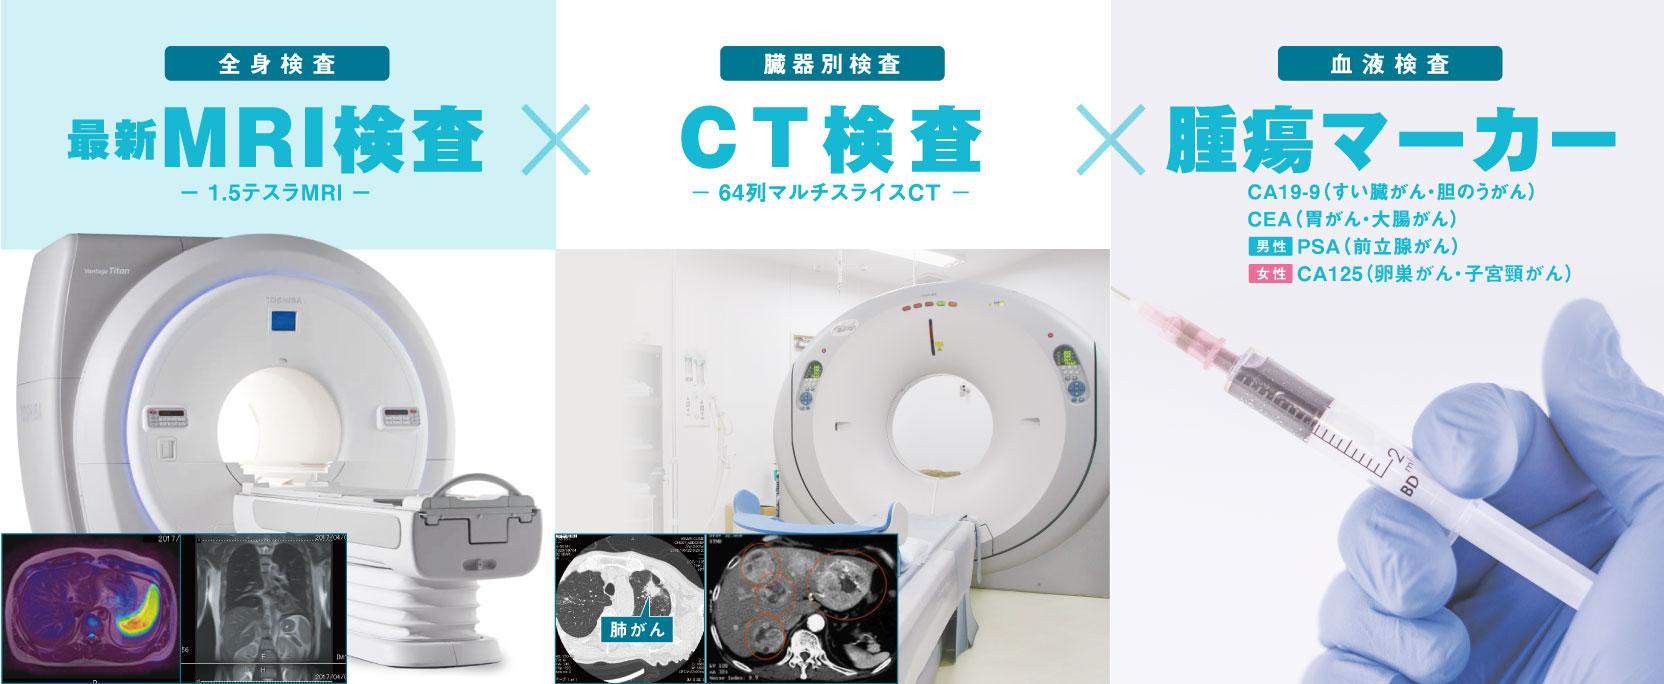 全身MRI検査☓CT検査☓腫瘍マーカー